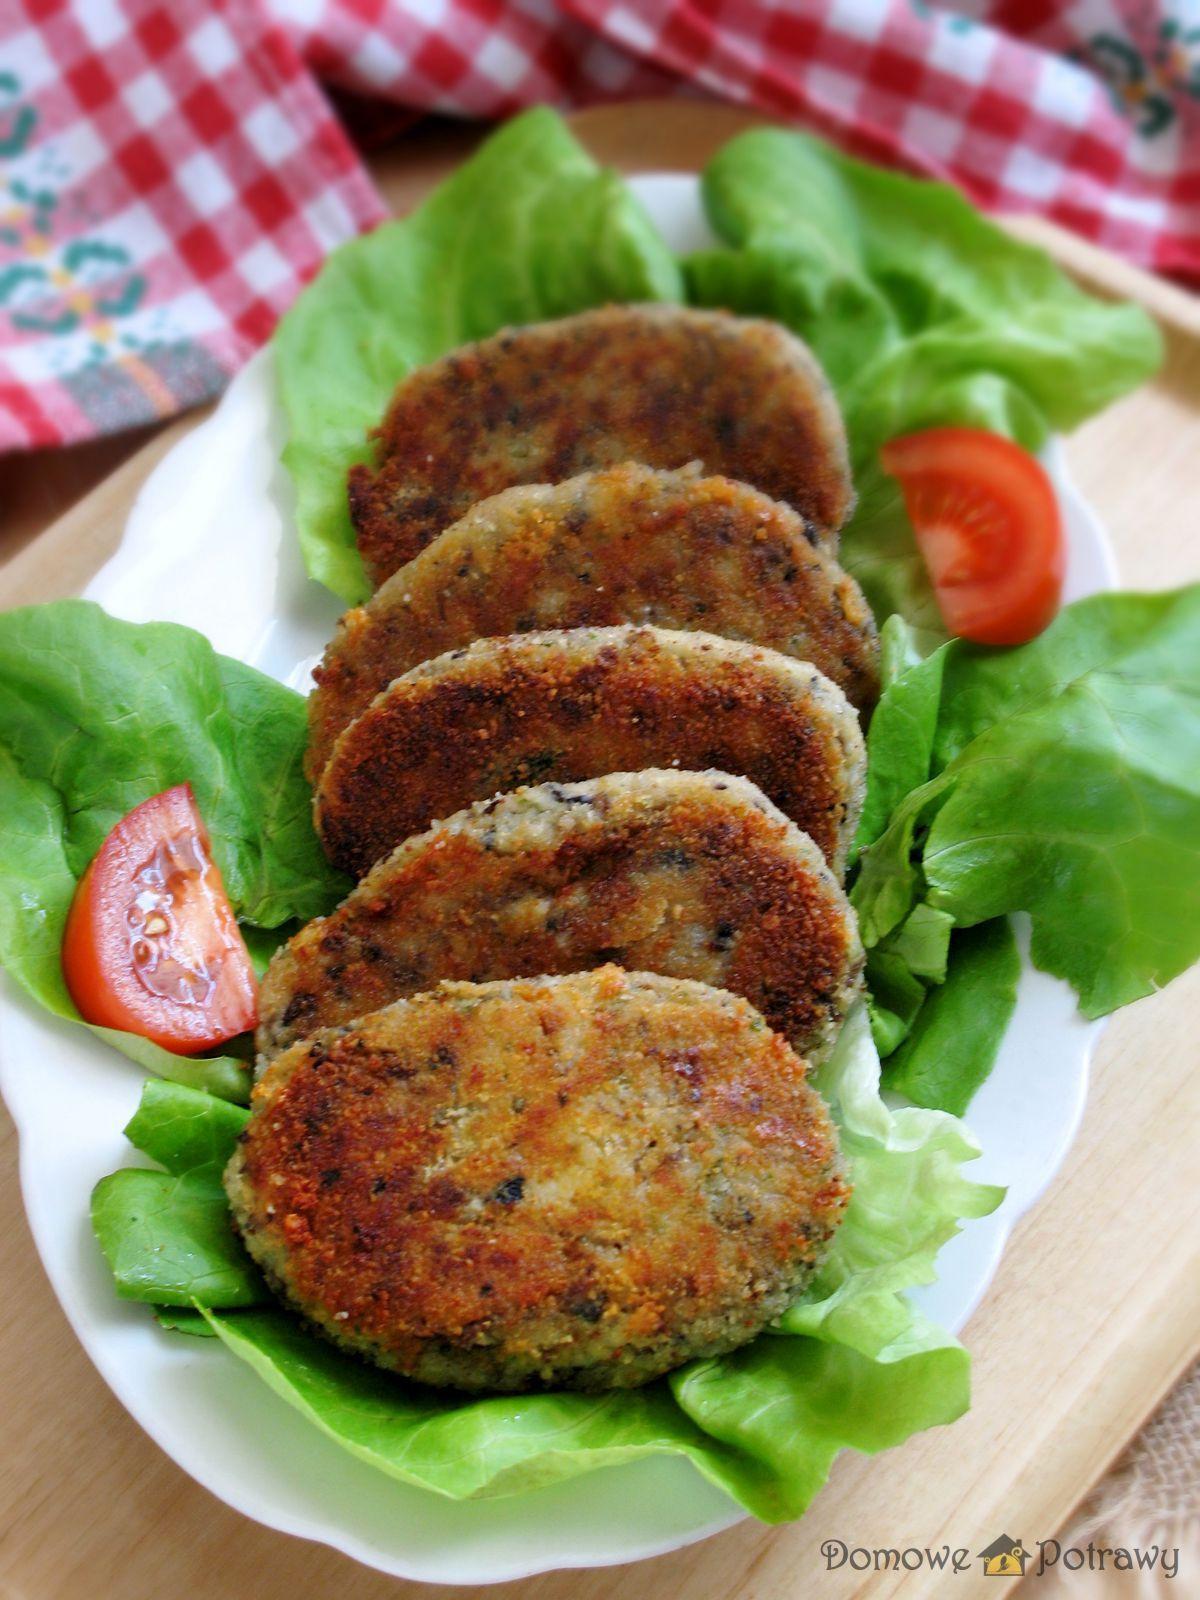 Kotlety Ziemniaczane Z Pieczarkami I Zoltym Serem Domowe Potrawy Culinary Recipes Vegetarian Recipes Recipes